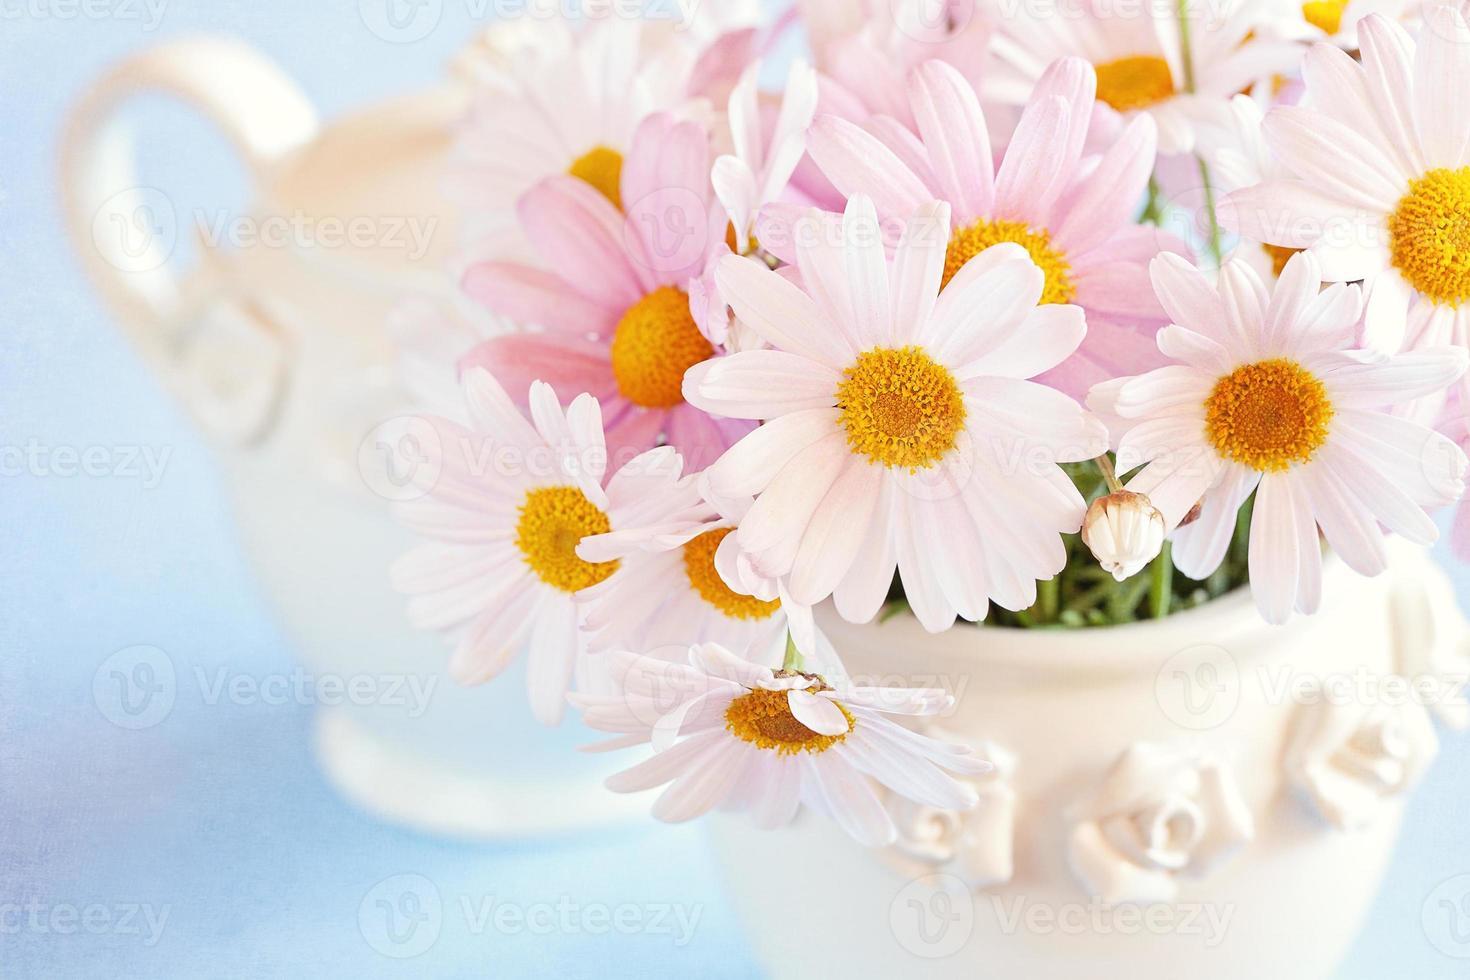 Gänseblümchen Blumen foto